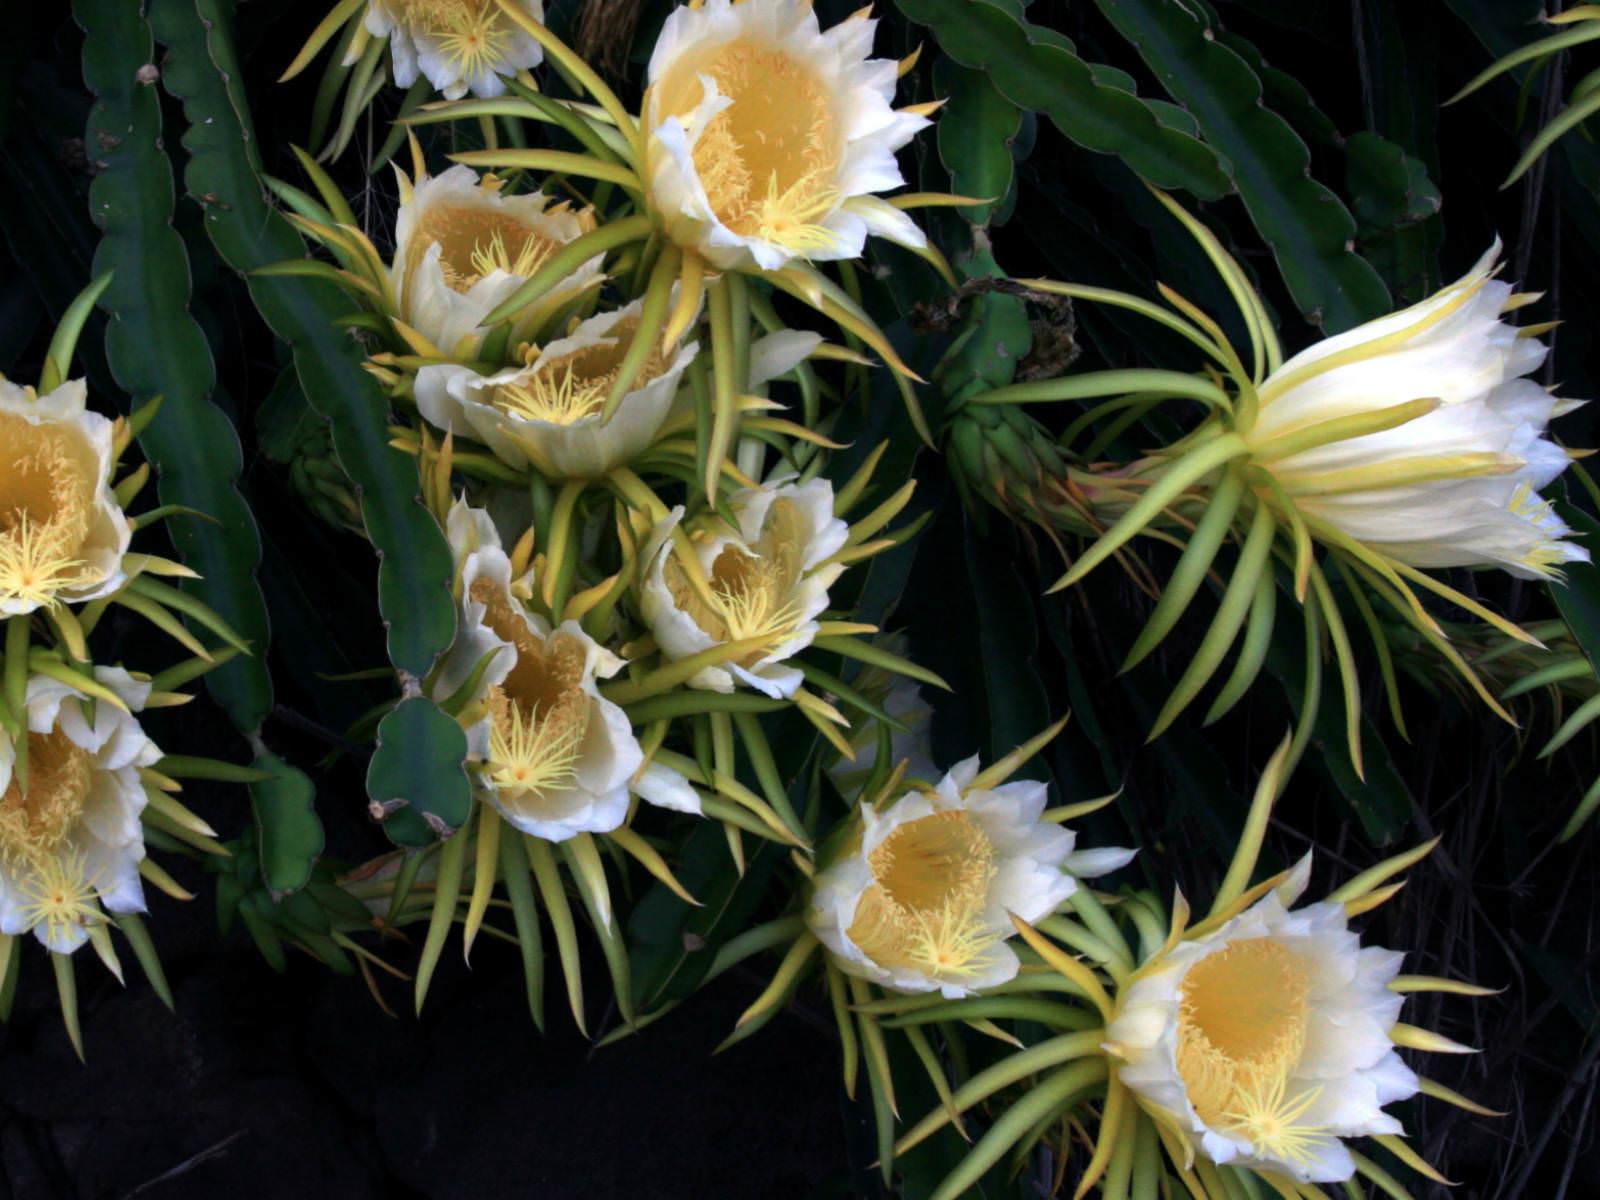 une fleur -ajonc - 6 mai trouvée par Martine - Page 2 Hylocereus-undatus2